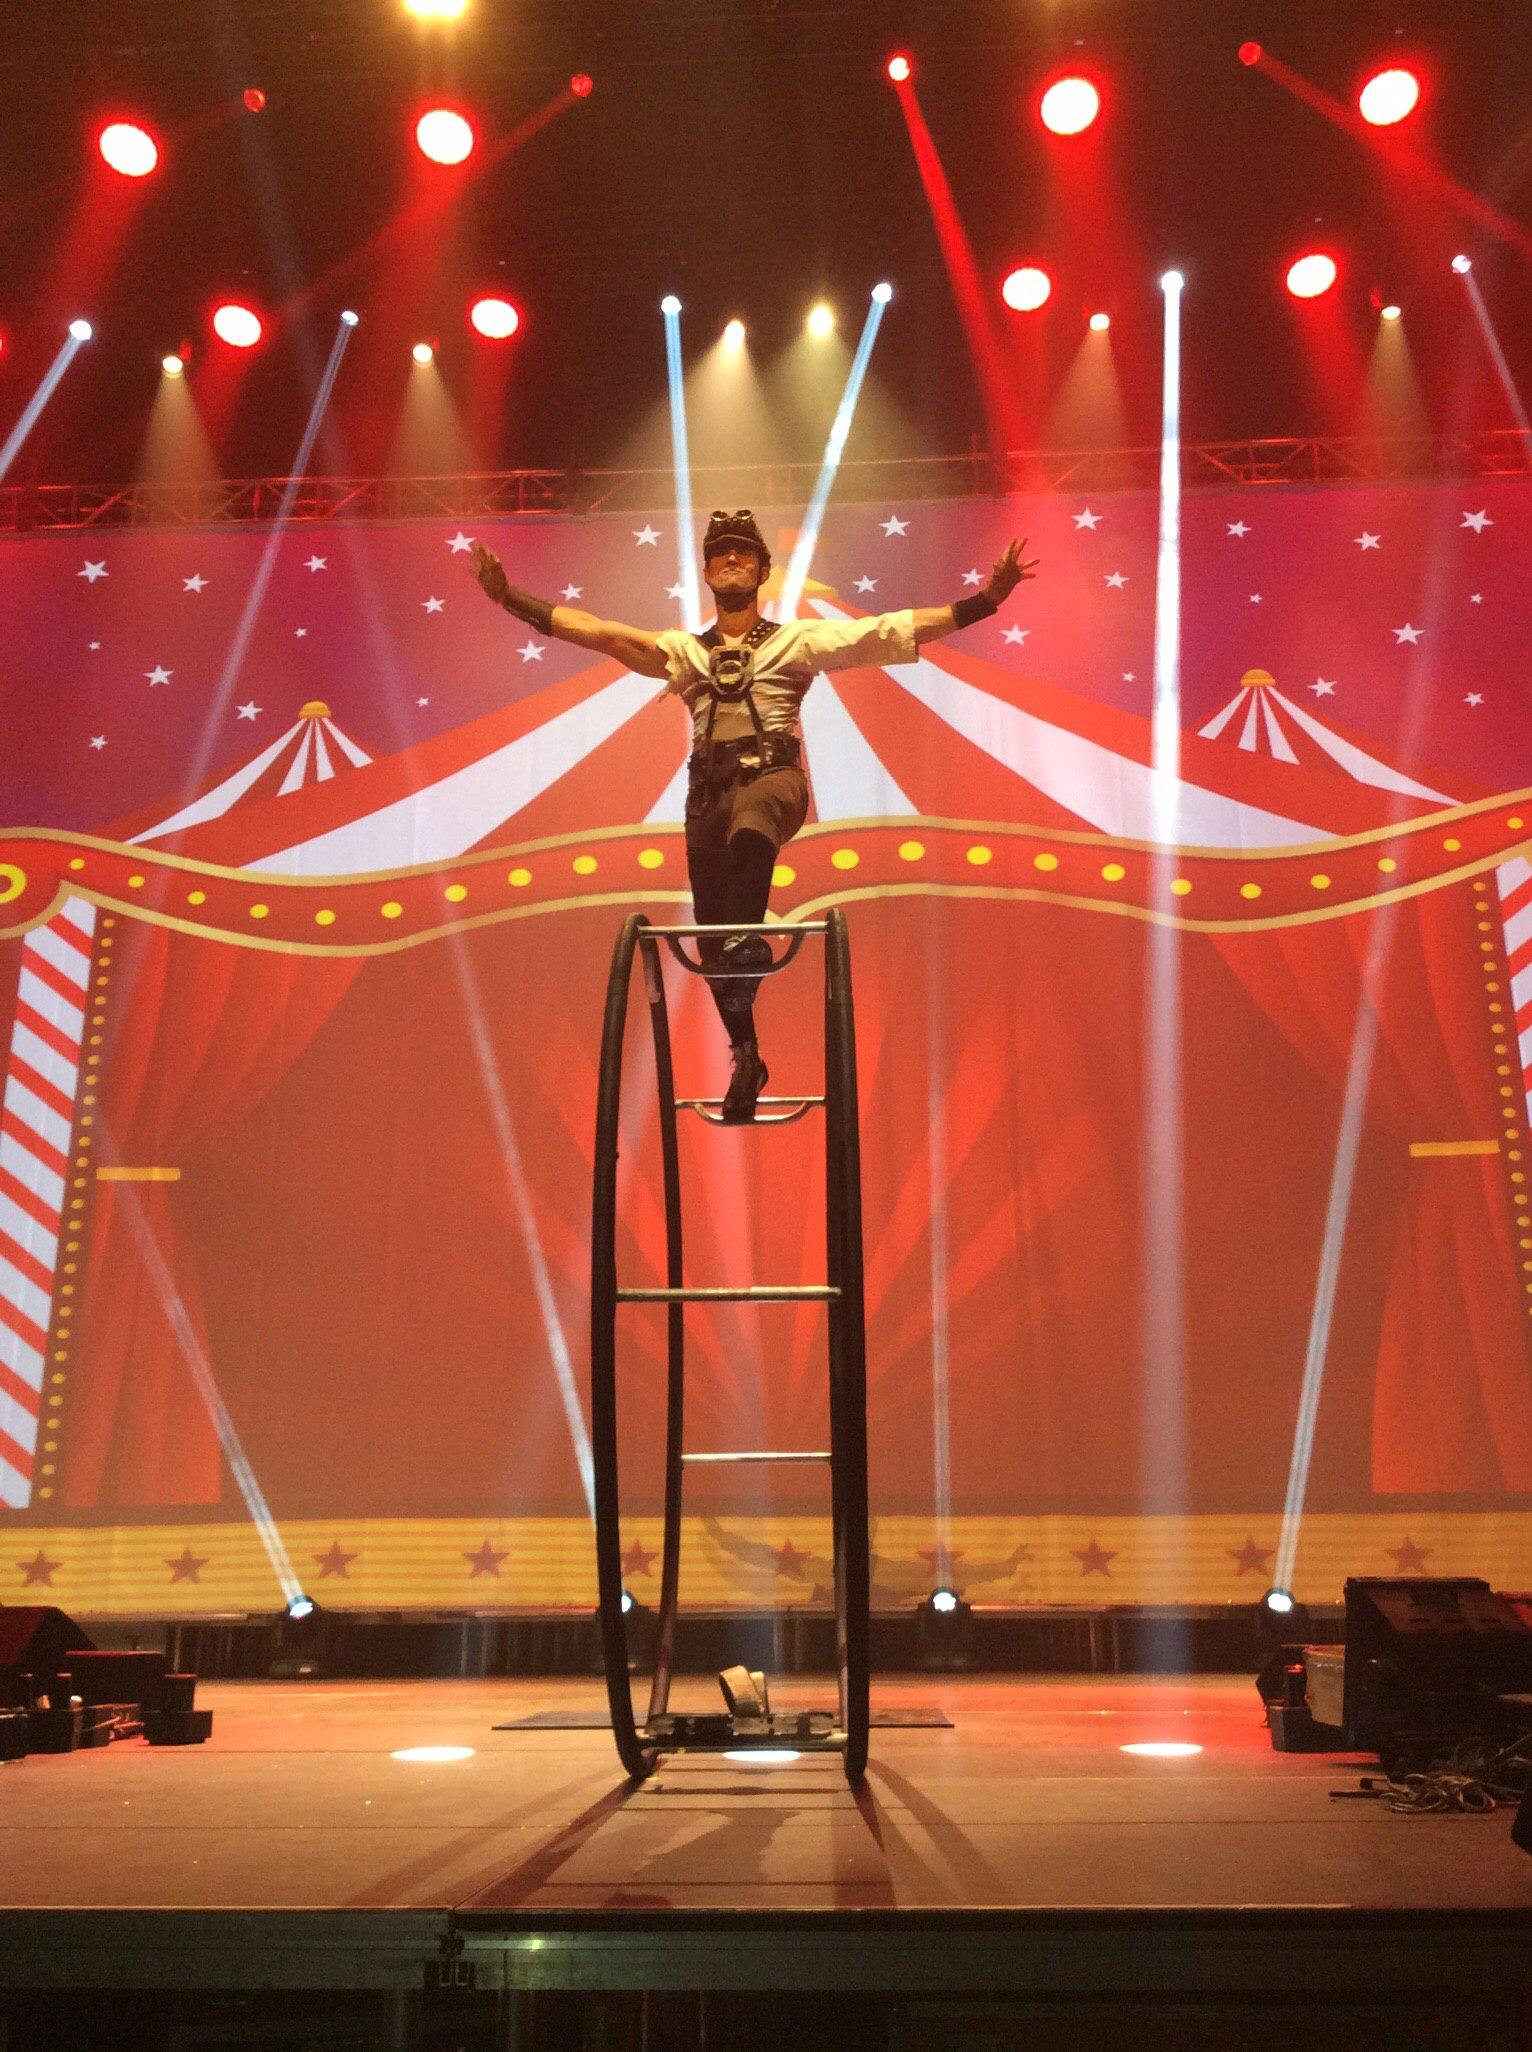 Популярный цирковой номер - Гимнаст на ренском колесе в Минске и по всей Беларуси.